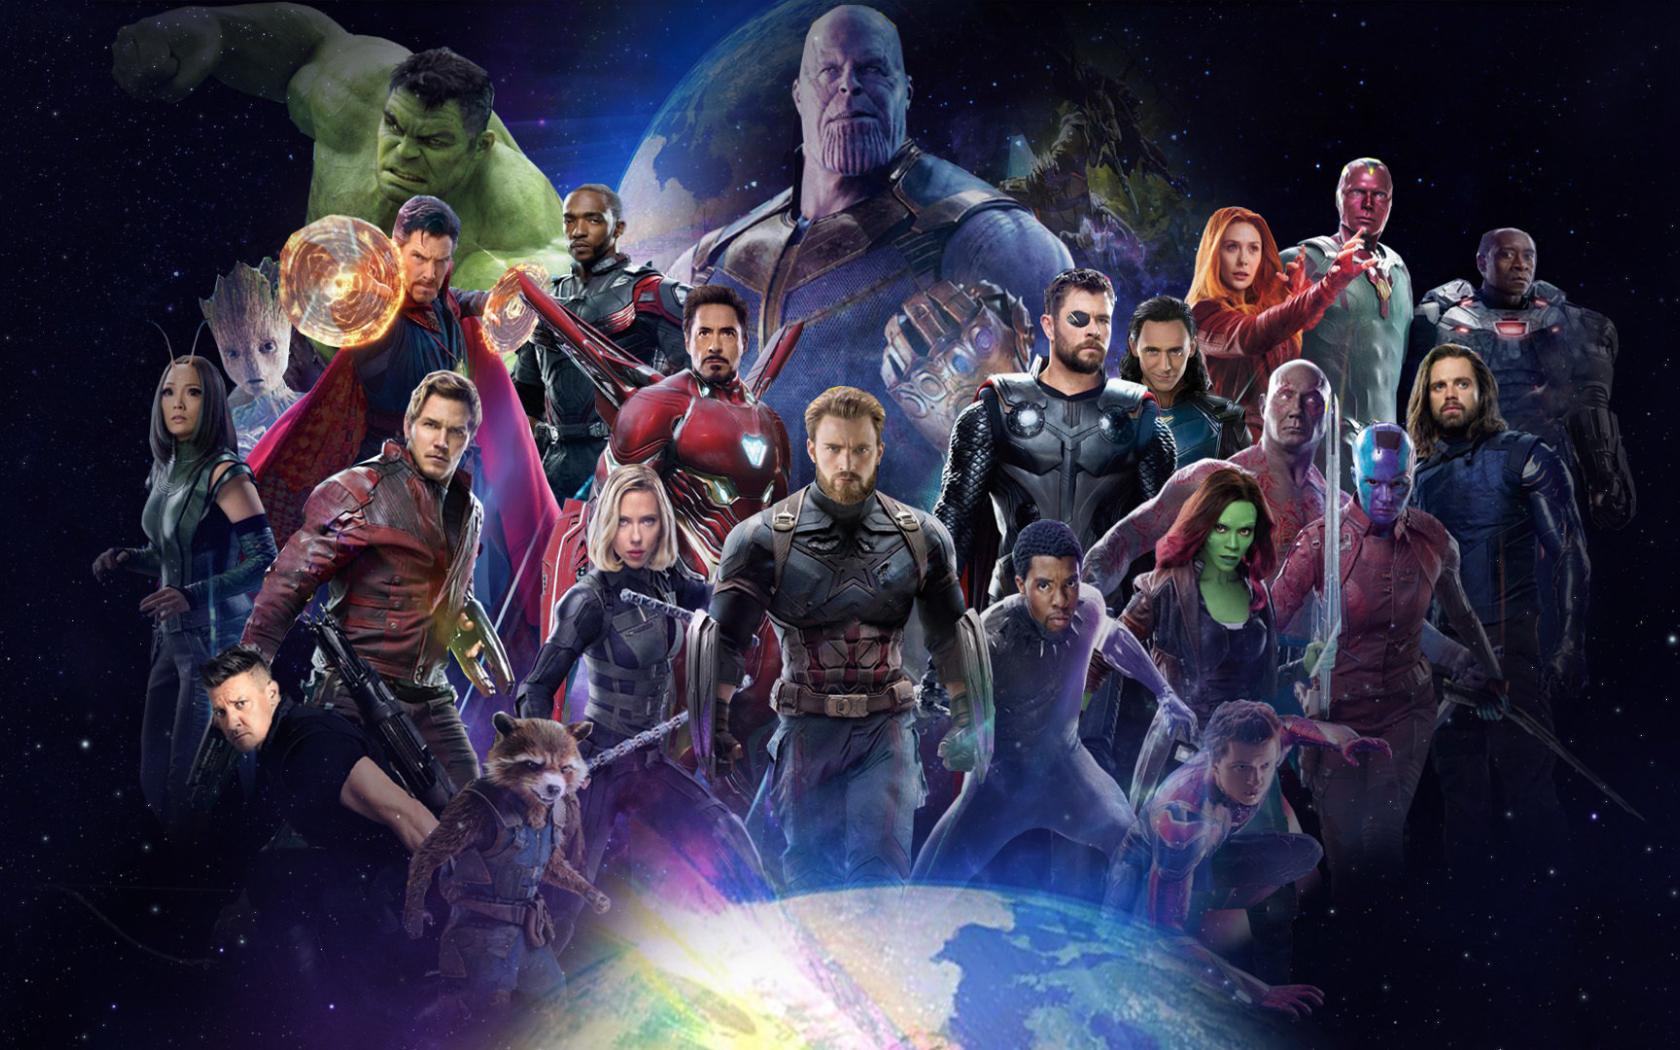 10 New Avengers Infinity War Desktop Wallpaper Full Hd: Download Avengers Infinity War 2018 All Characters Fan